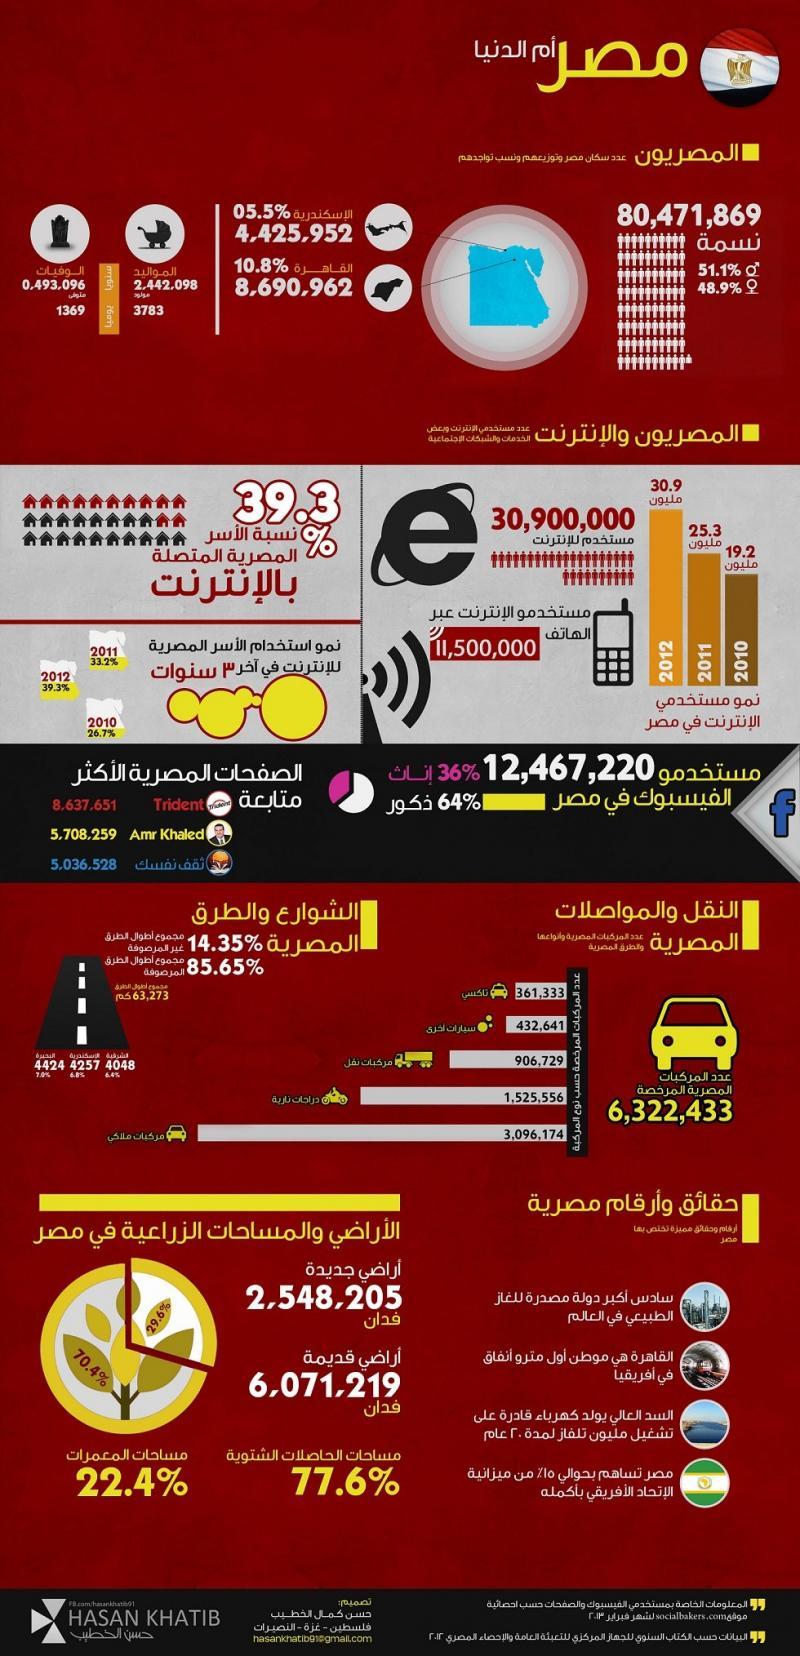 مصر (أم الدنيا) على الإنترنت